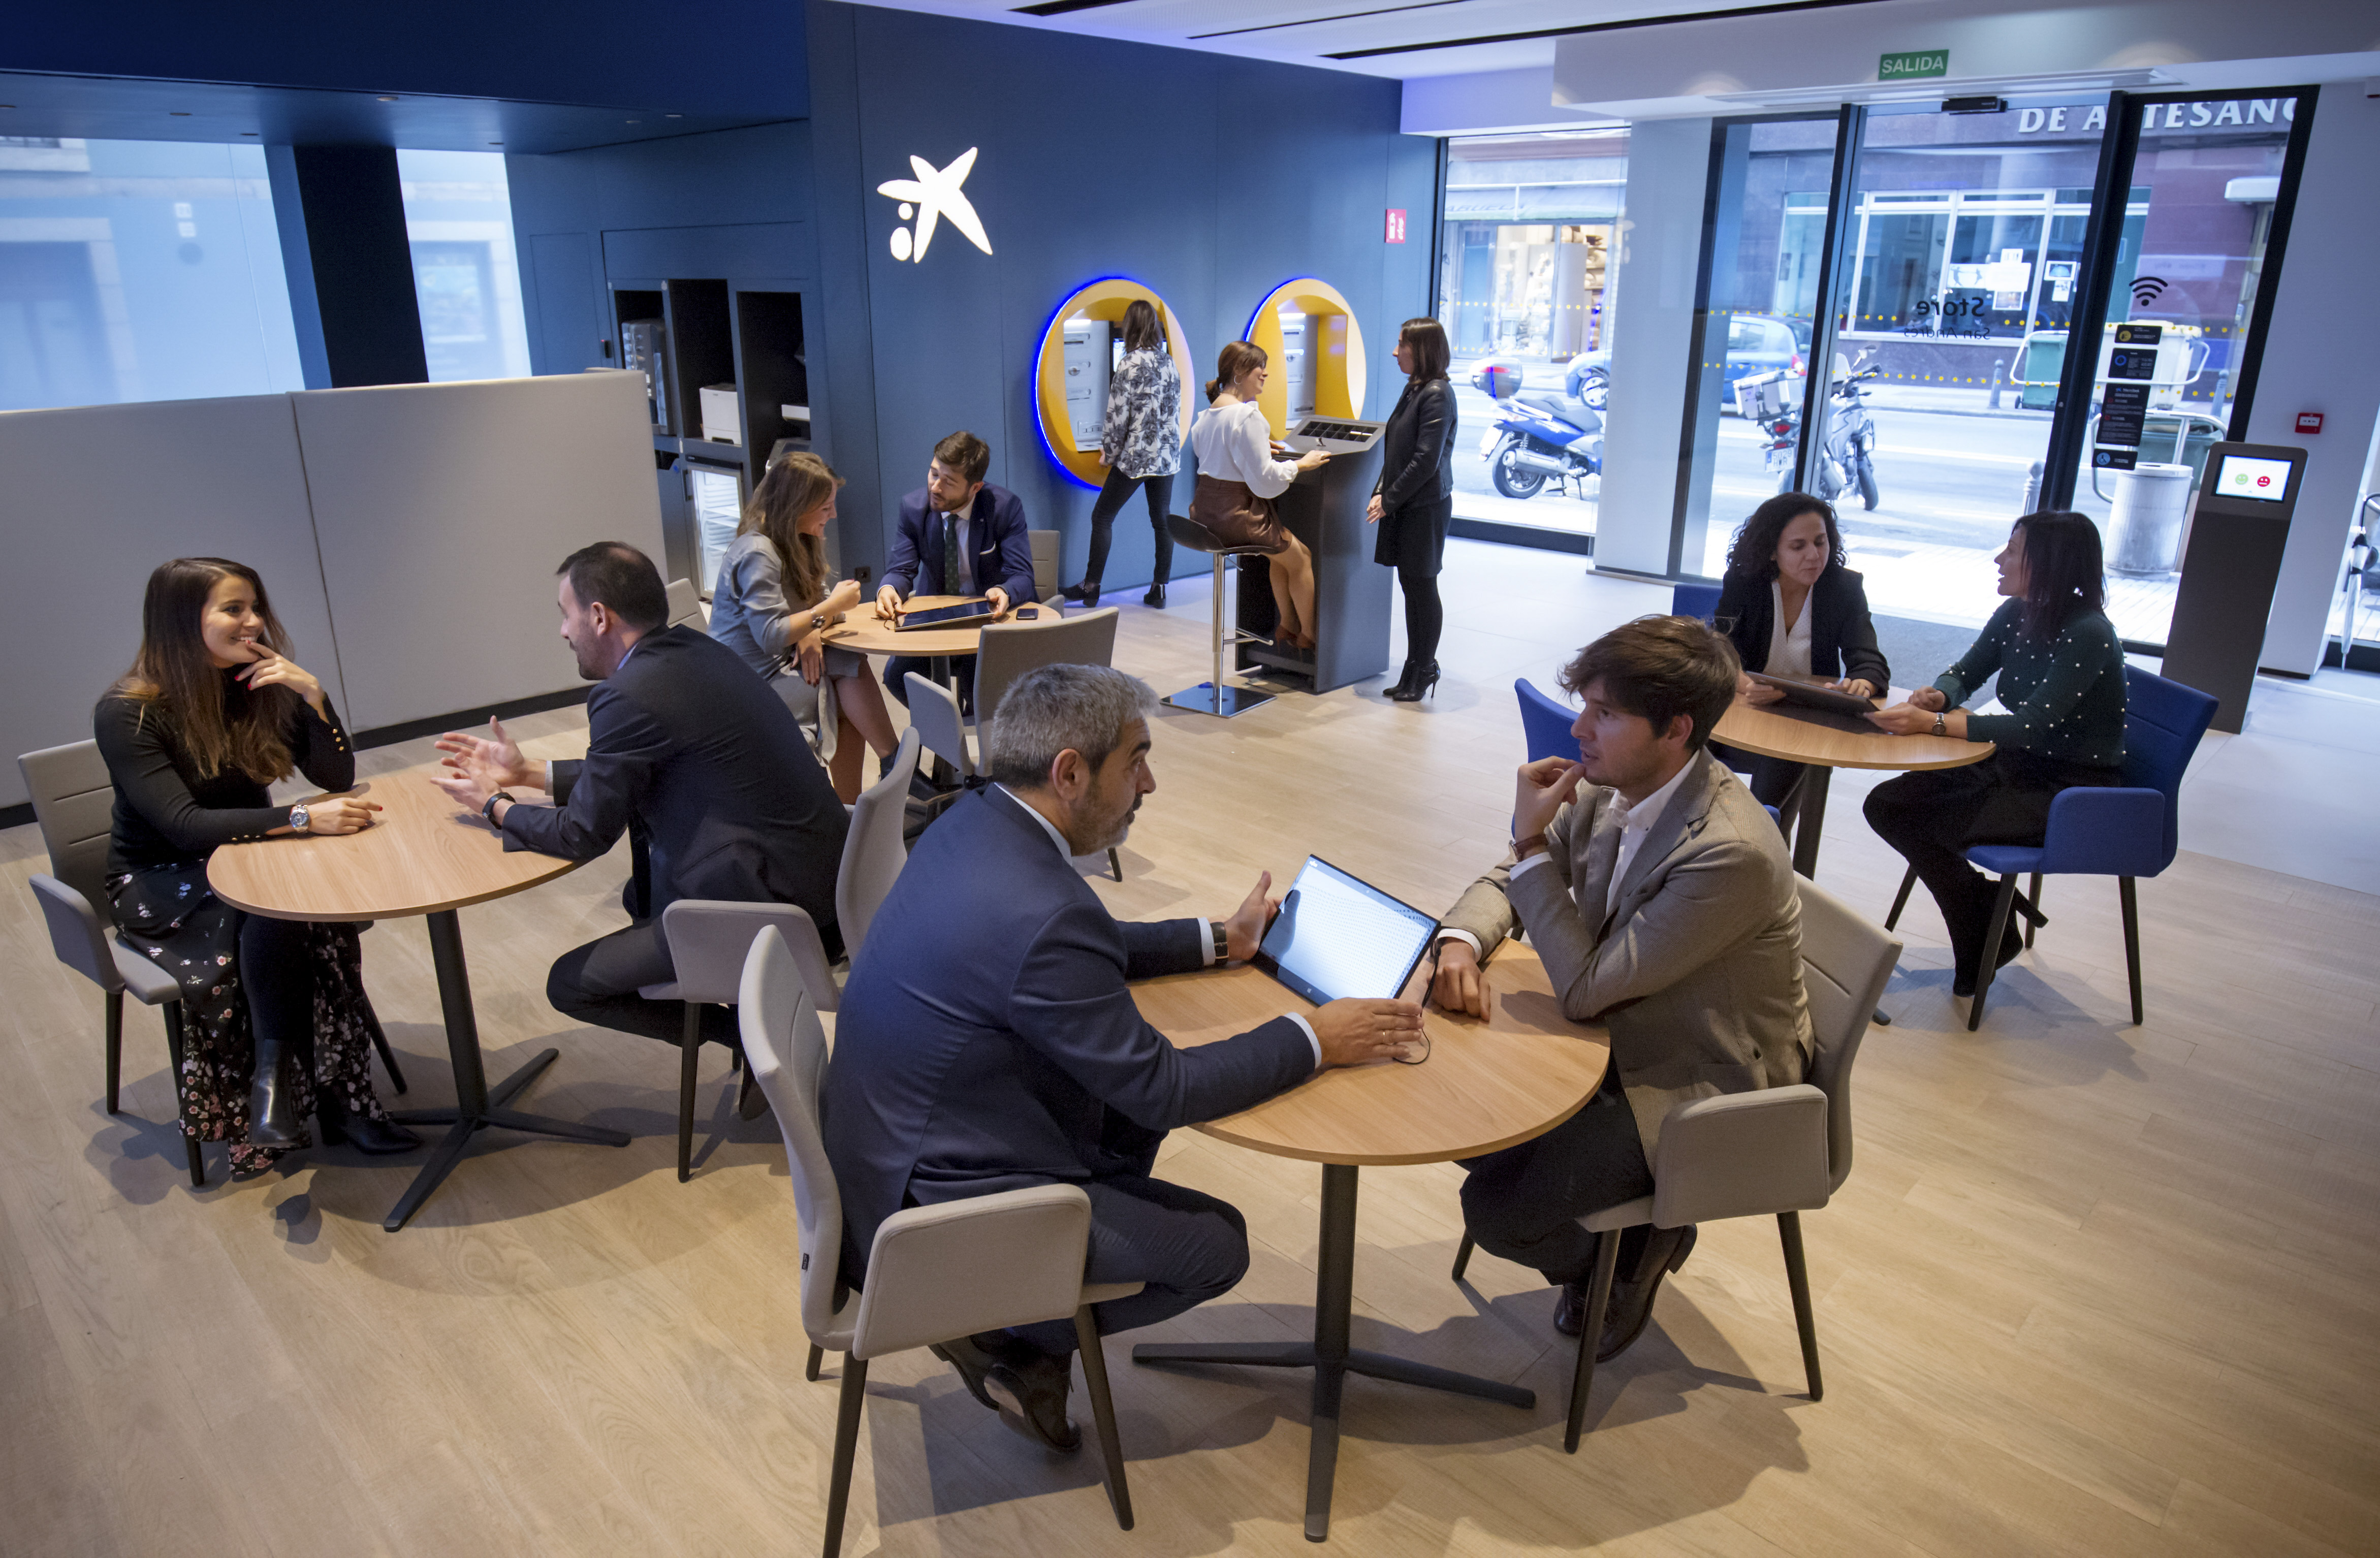 Caixabank abre en a coru a una oficina de su nuevo modelo for Oficines caixabank